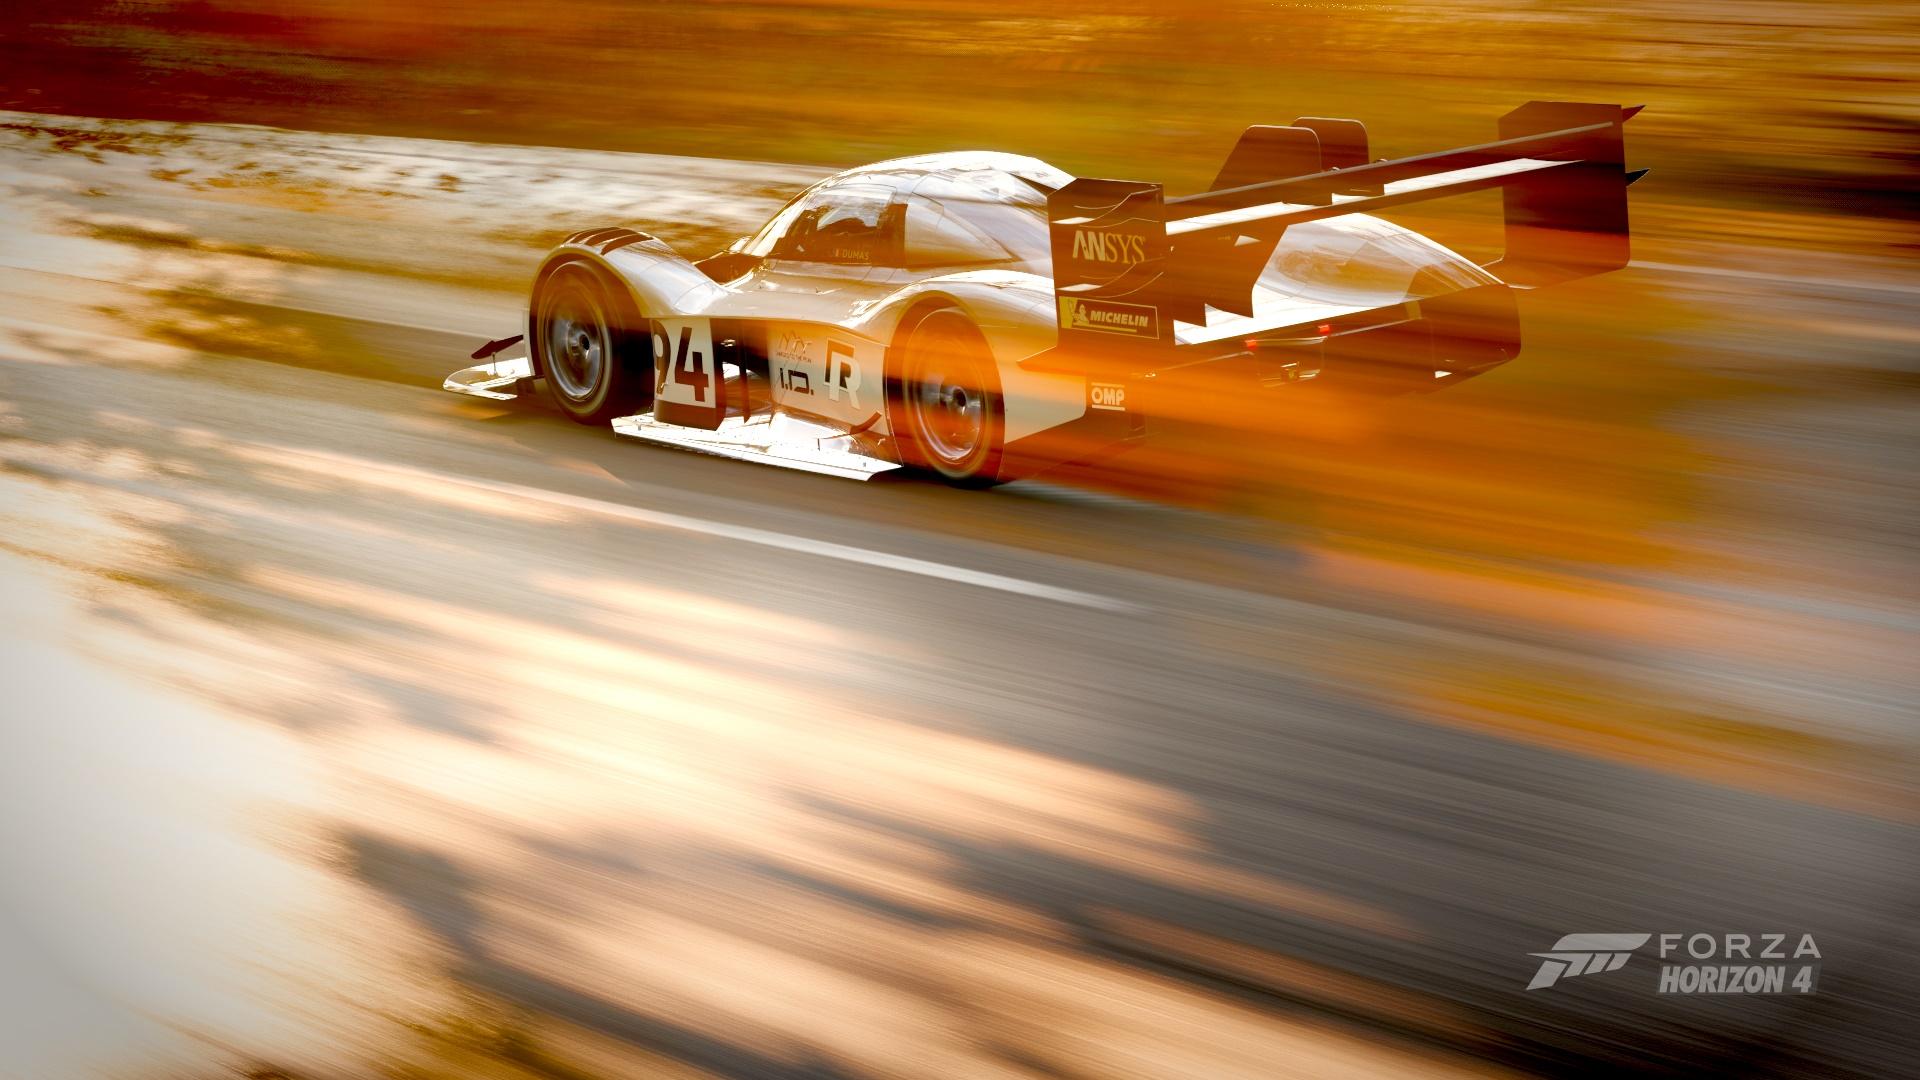 Forza3.jpg - Forza Horizon 4